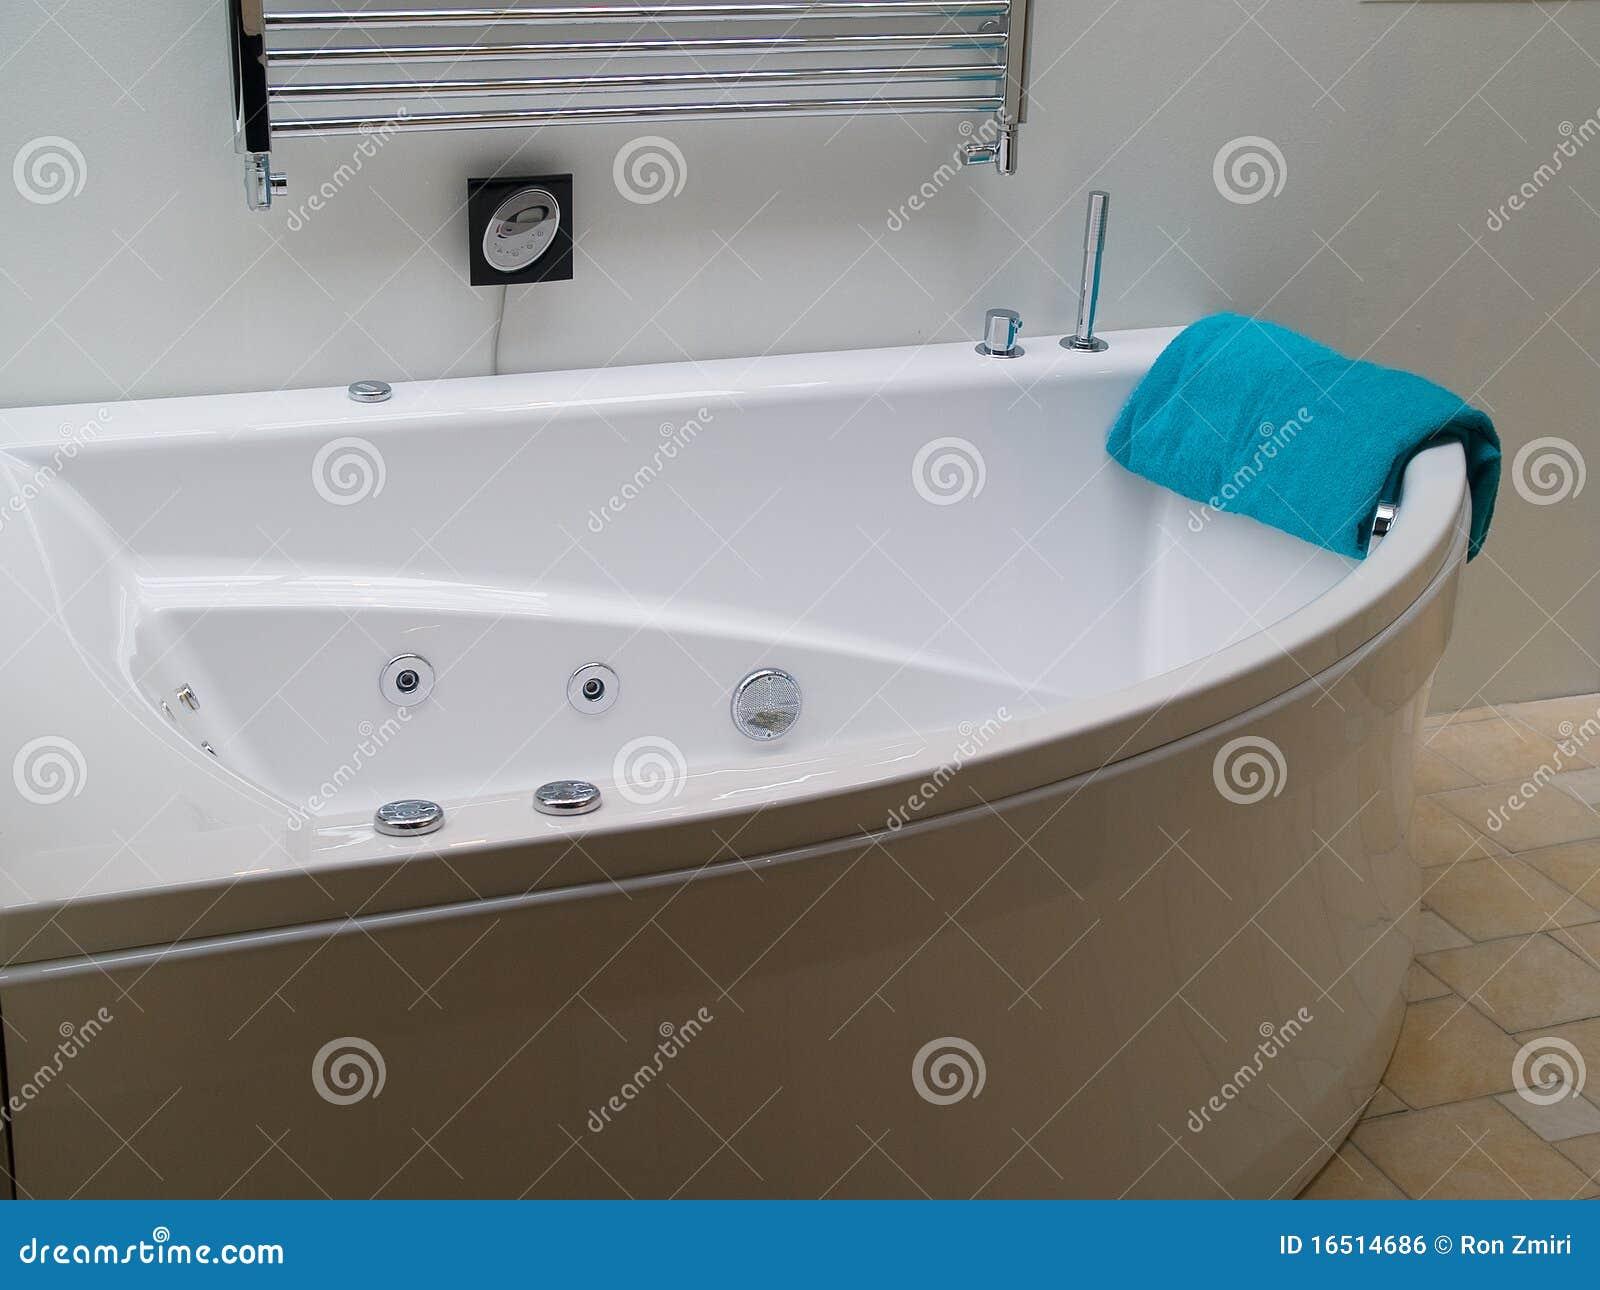 Baños Con Jacuzzi Modernos: moda moderno todo el cuarto de baño blanco del Jacuzzi de la bañera